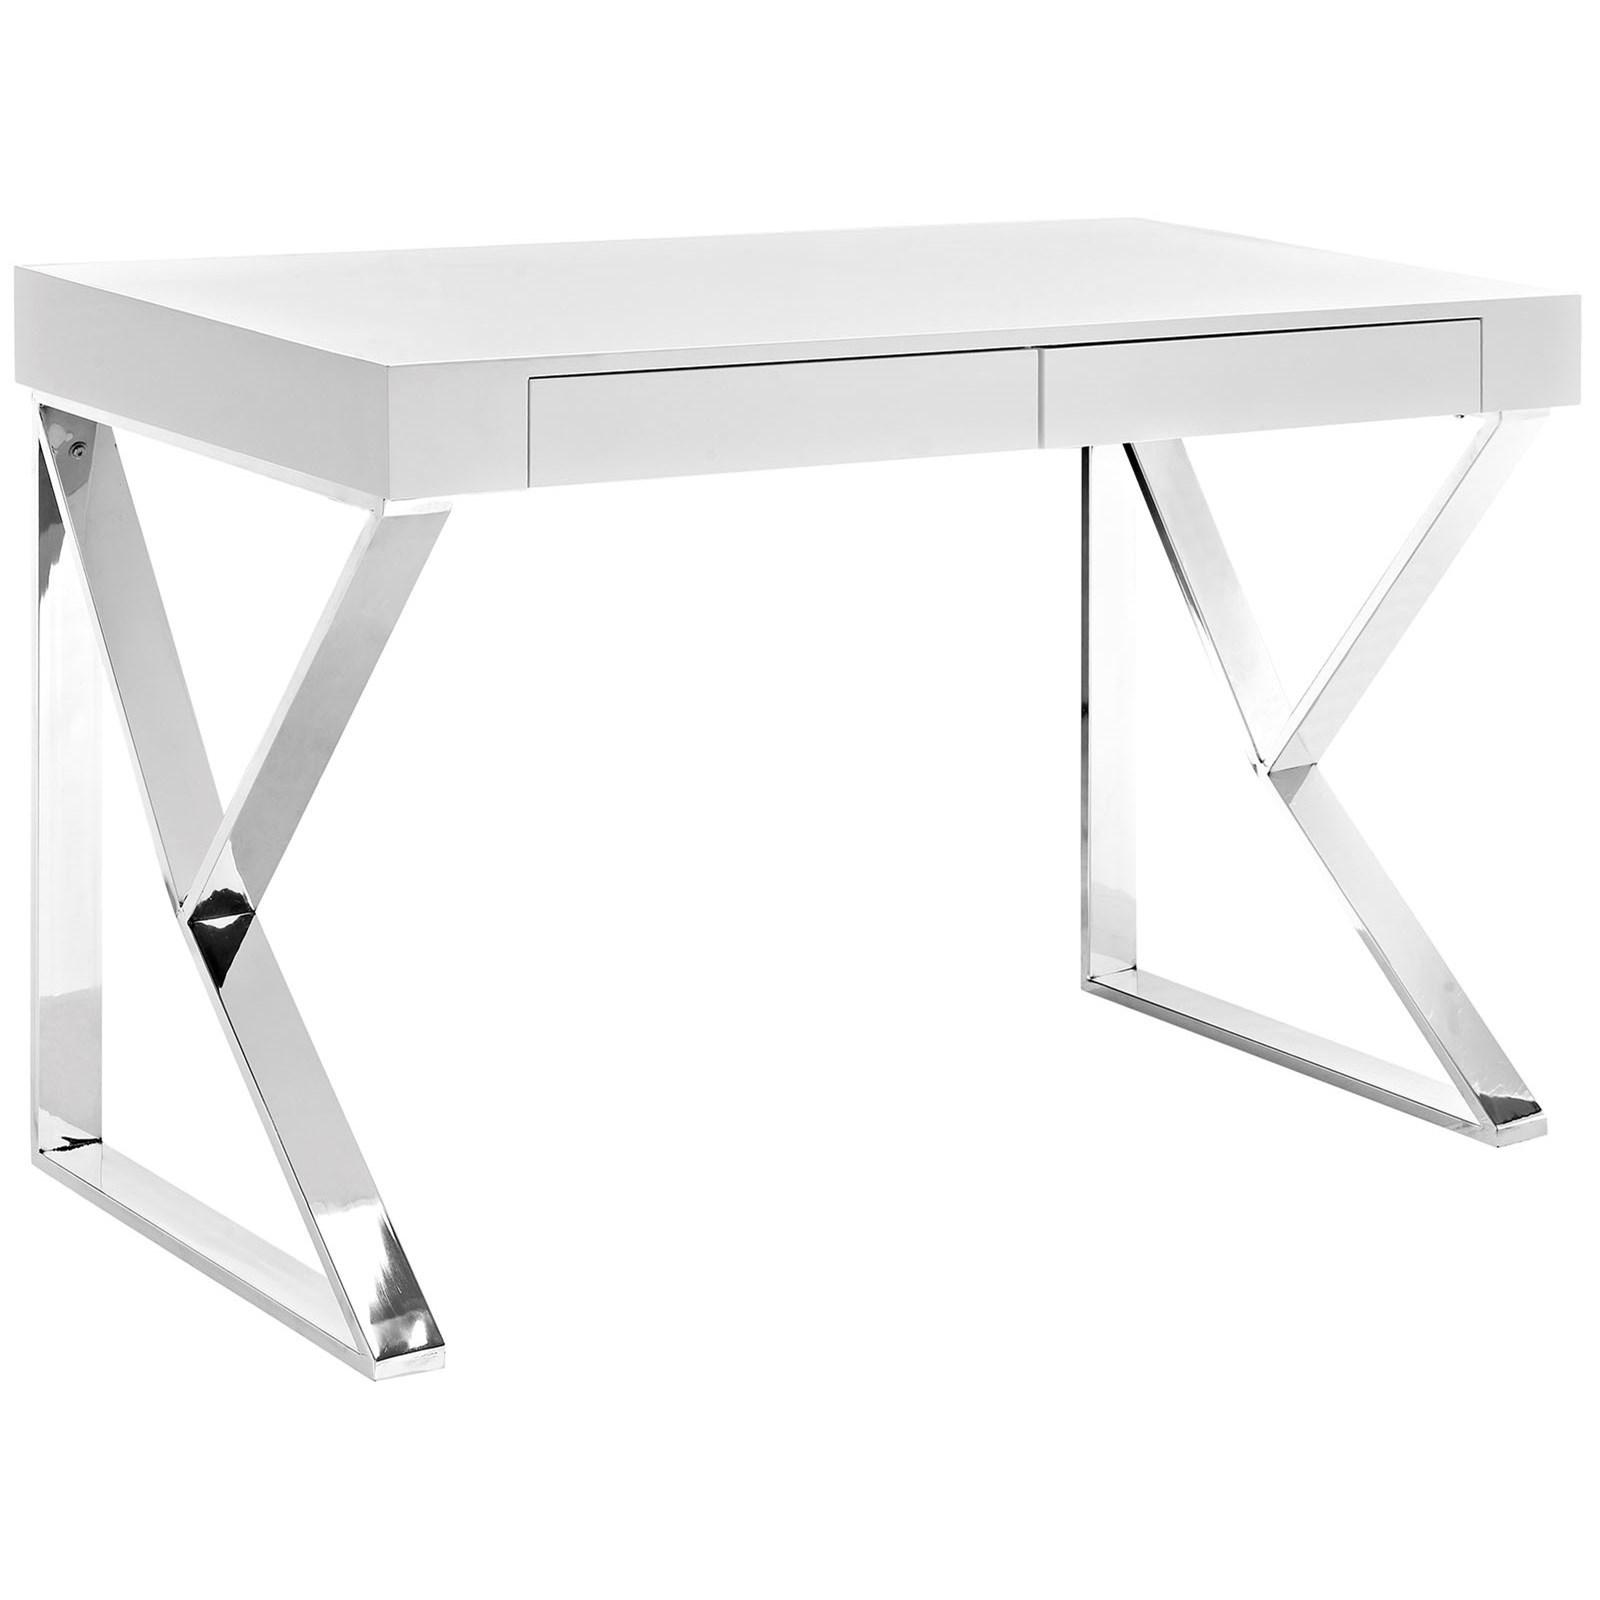 Modway Adjacent Adjacent Desk - Item Number: EEI-2047-WHI-SET